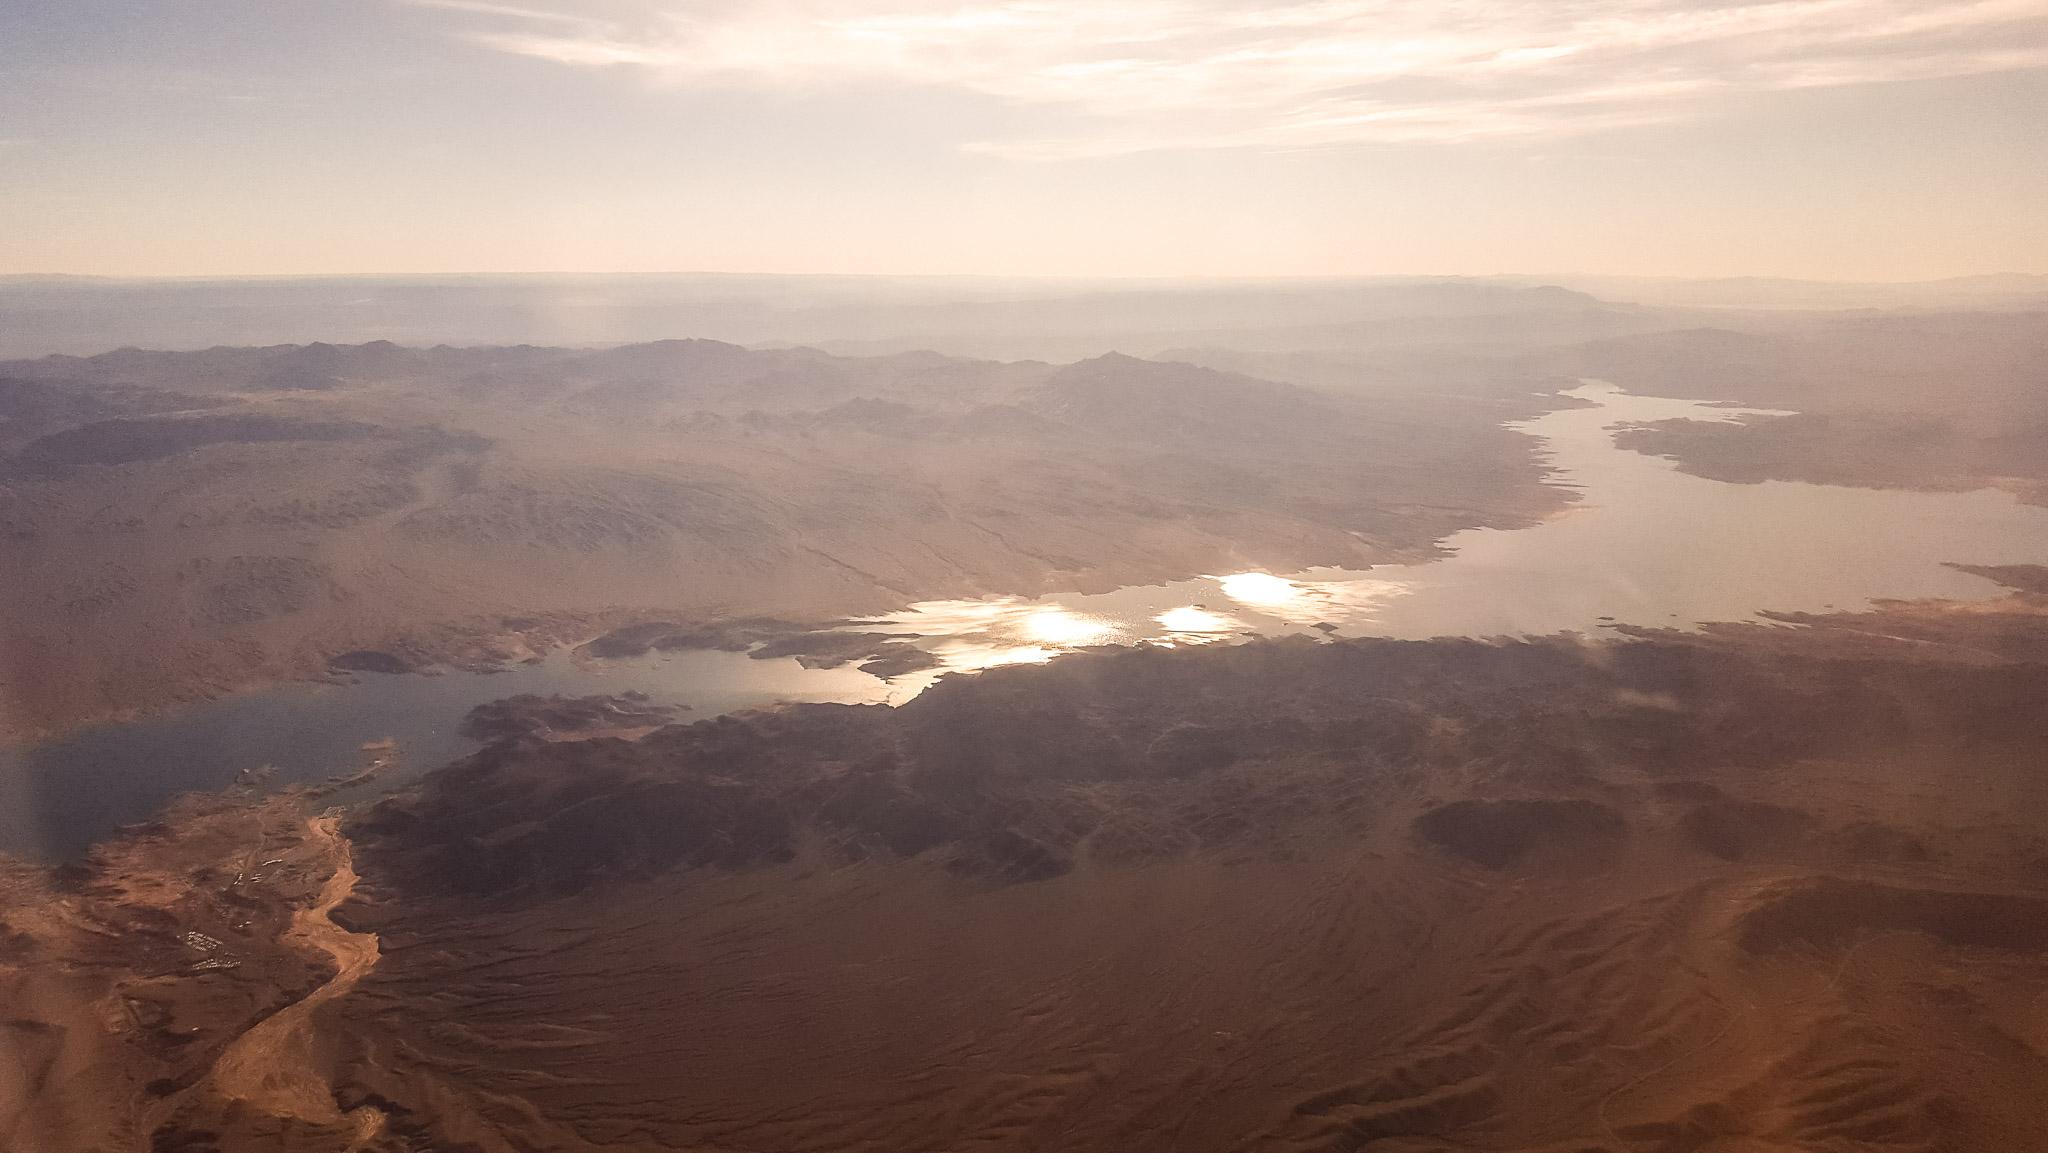 Lake Mead, I'm pretty sure.